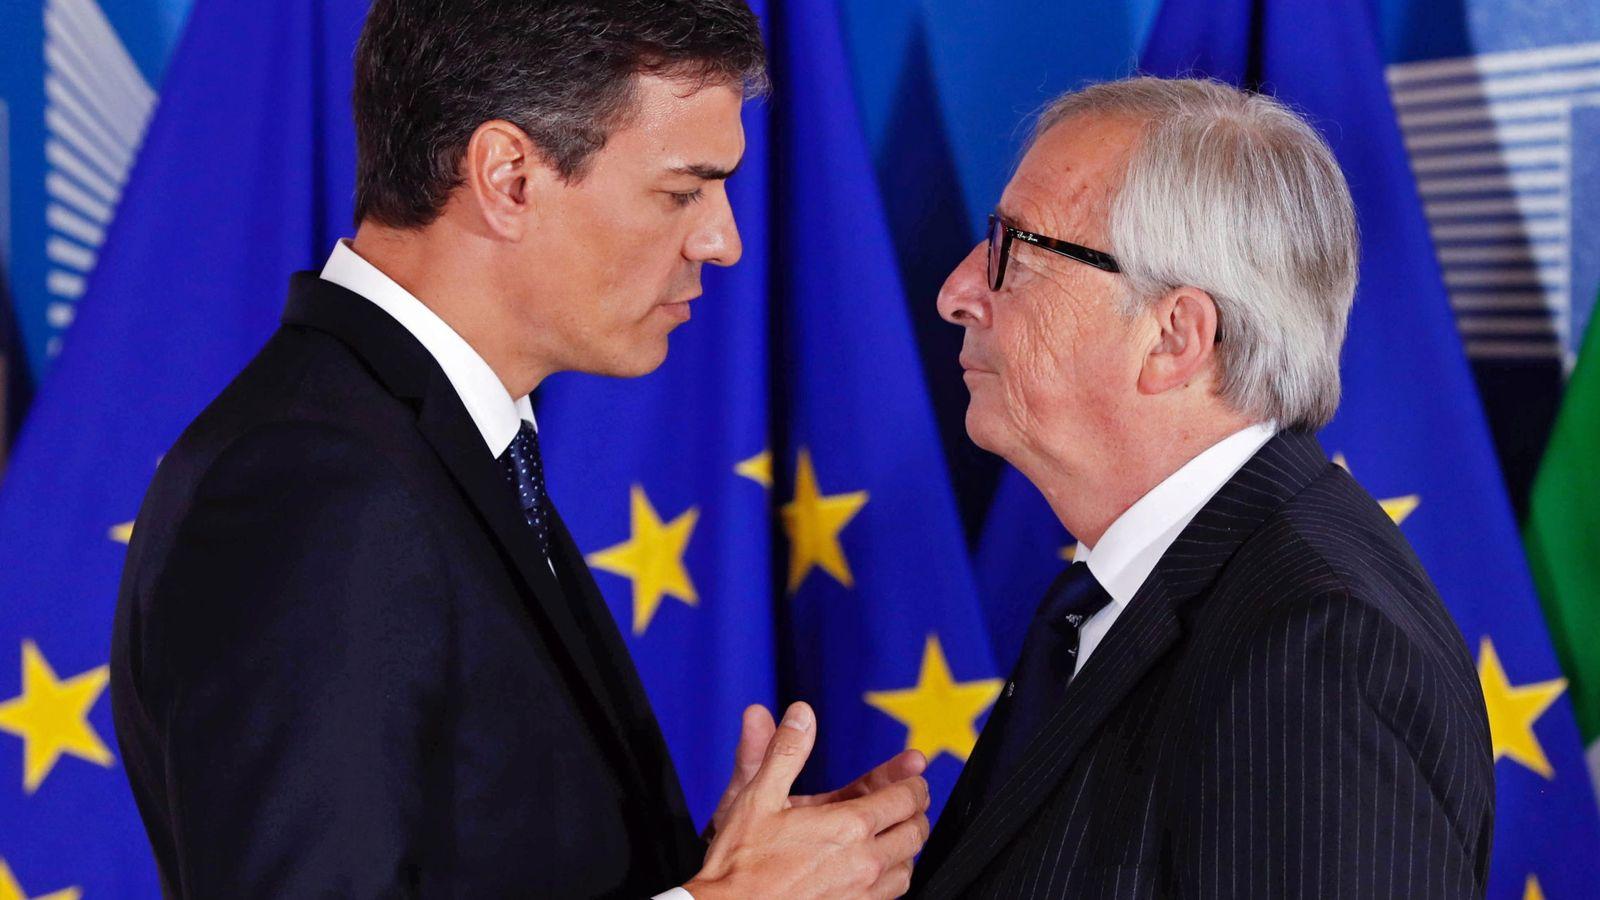 Foto: Pedro Sánchez conversa con el presidente de la Comisión Europea, Jean-Claude Juncker. (EFE)